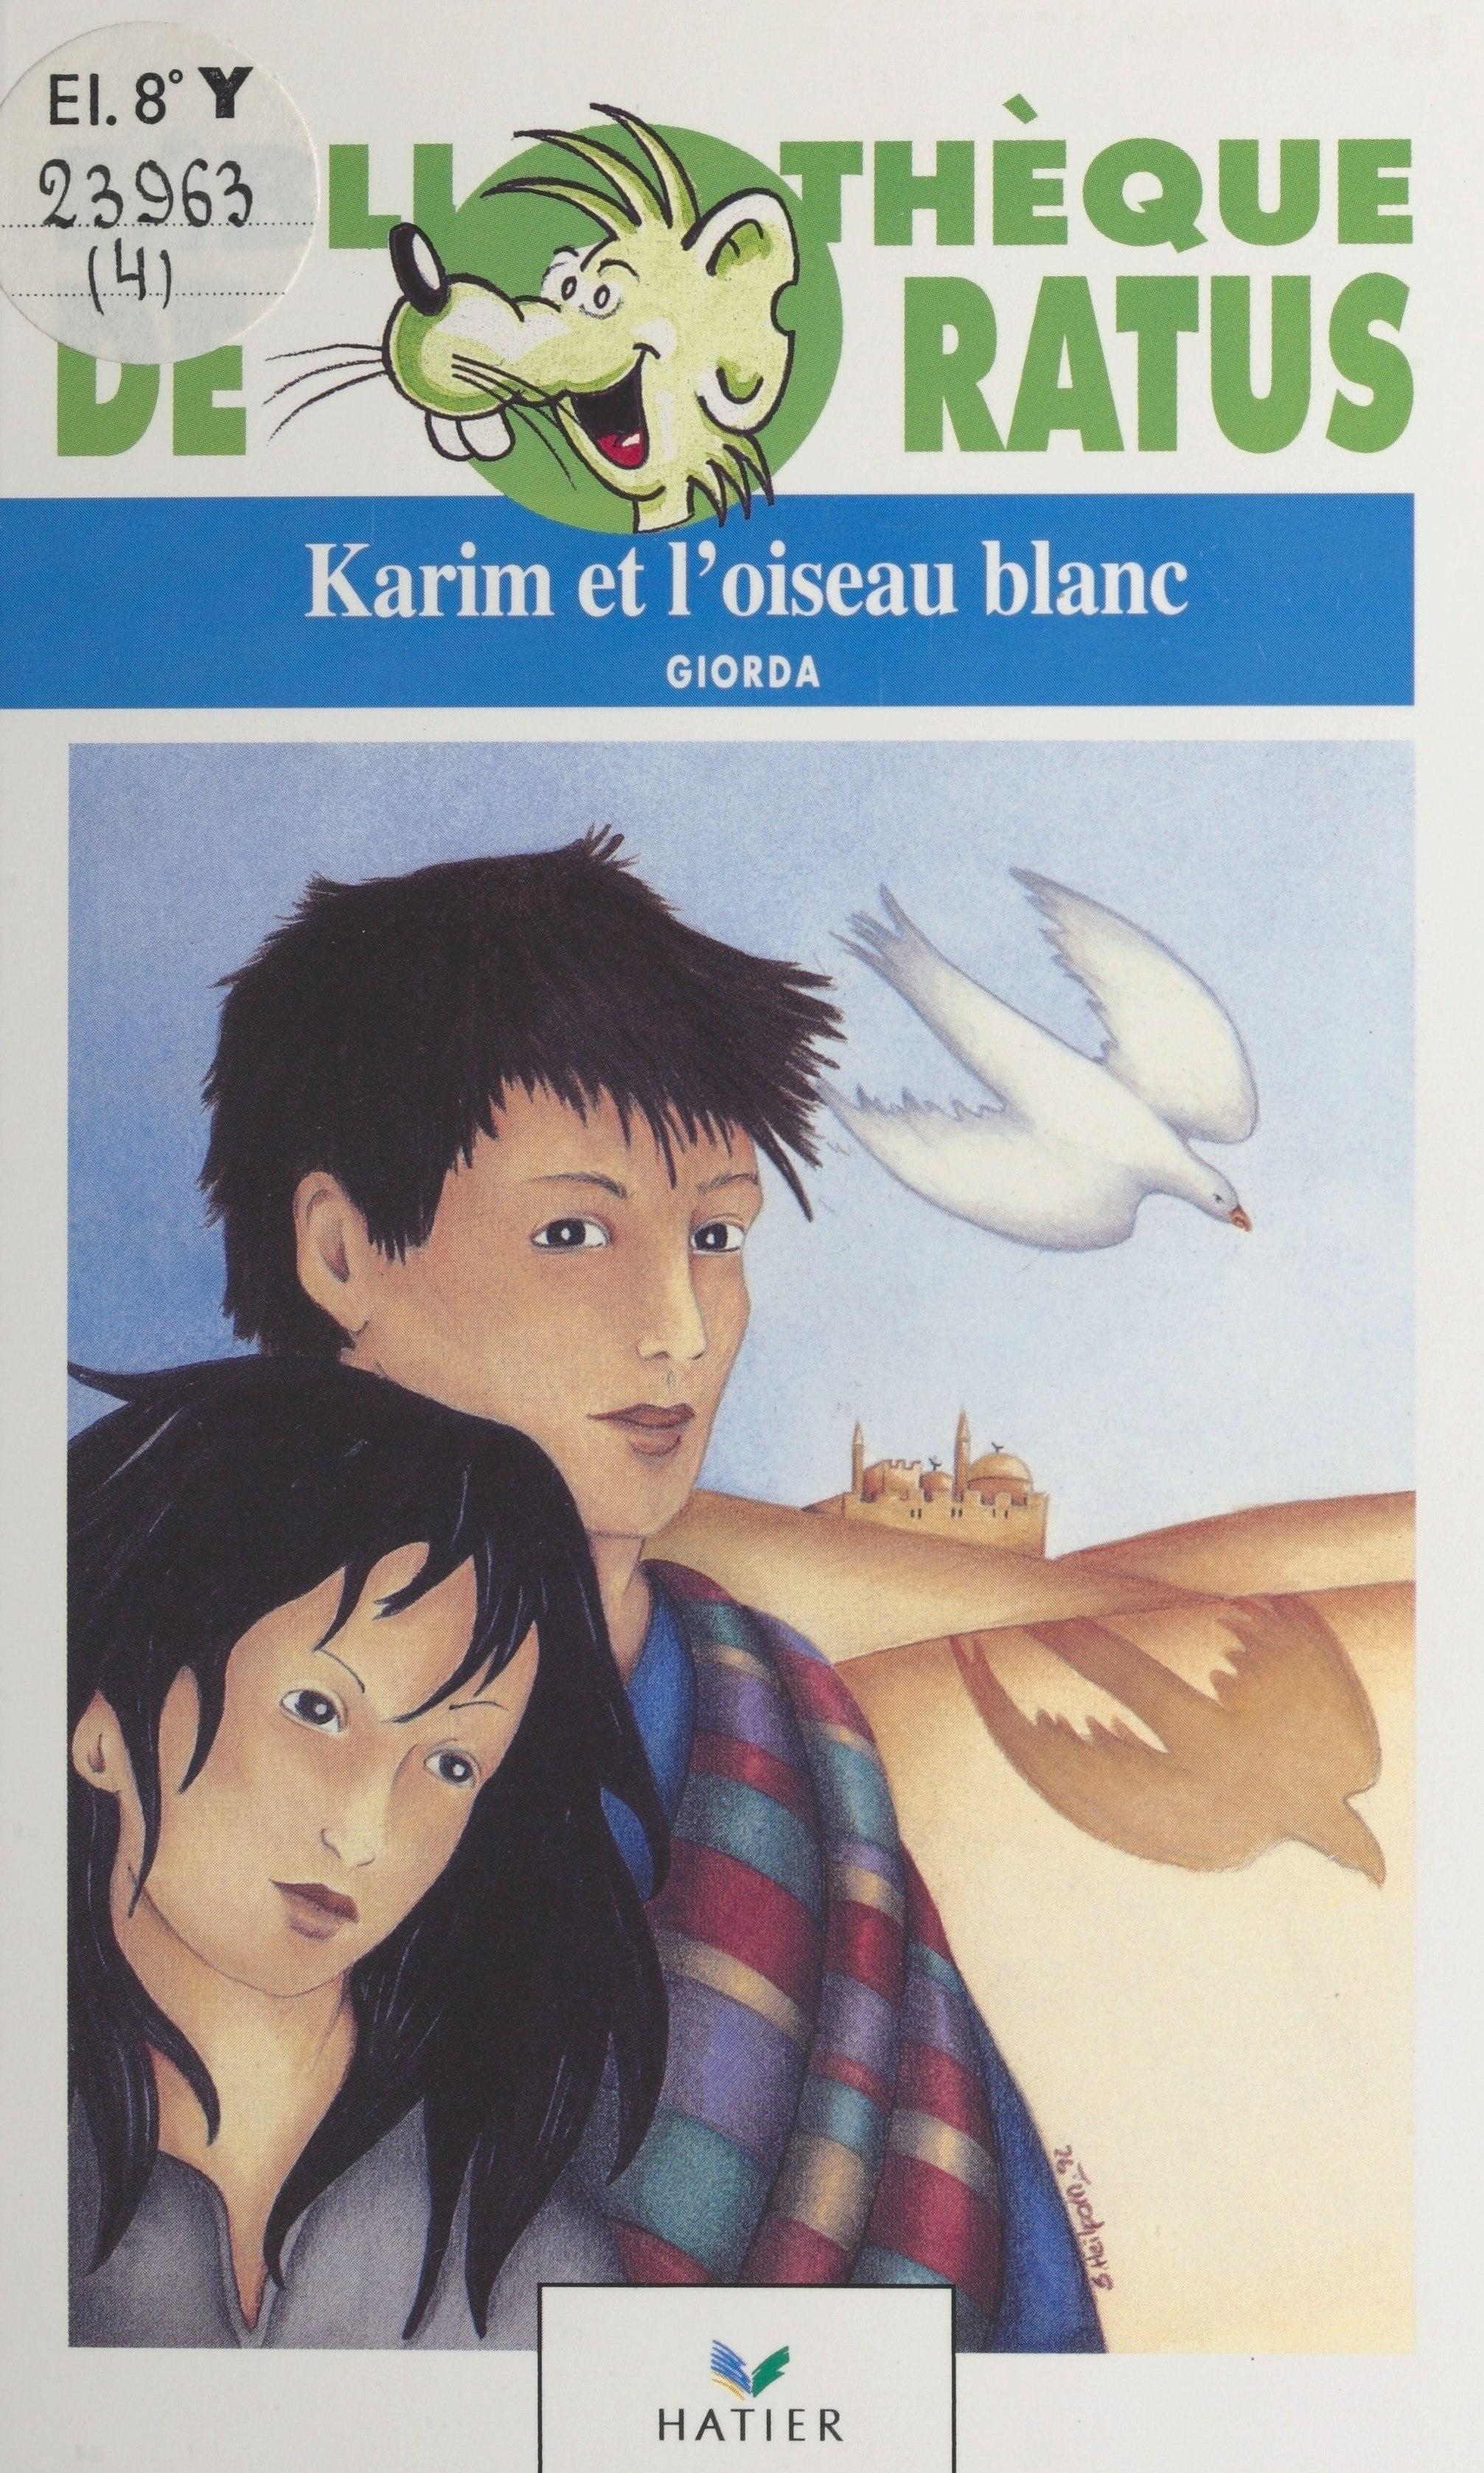 Karim et l'oiseau blanc